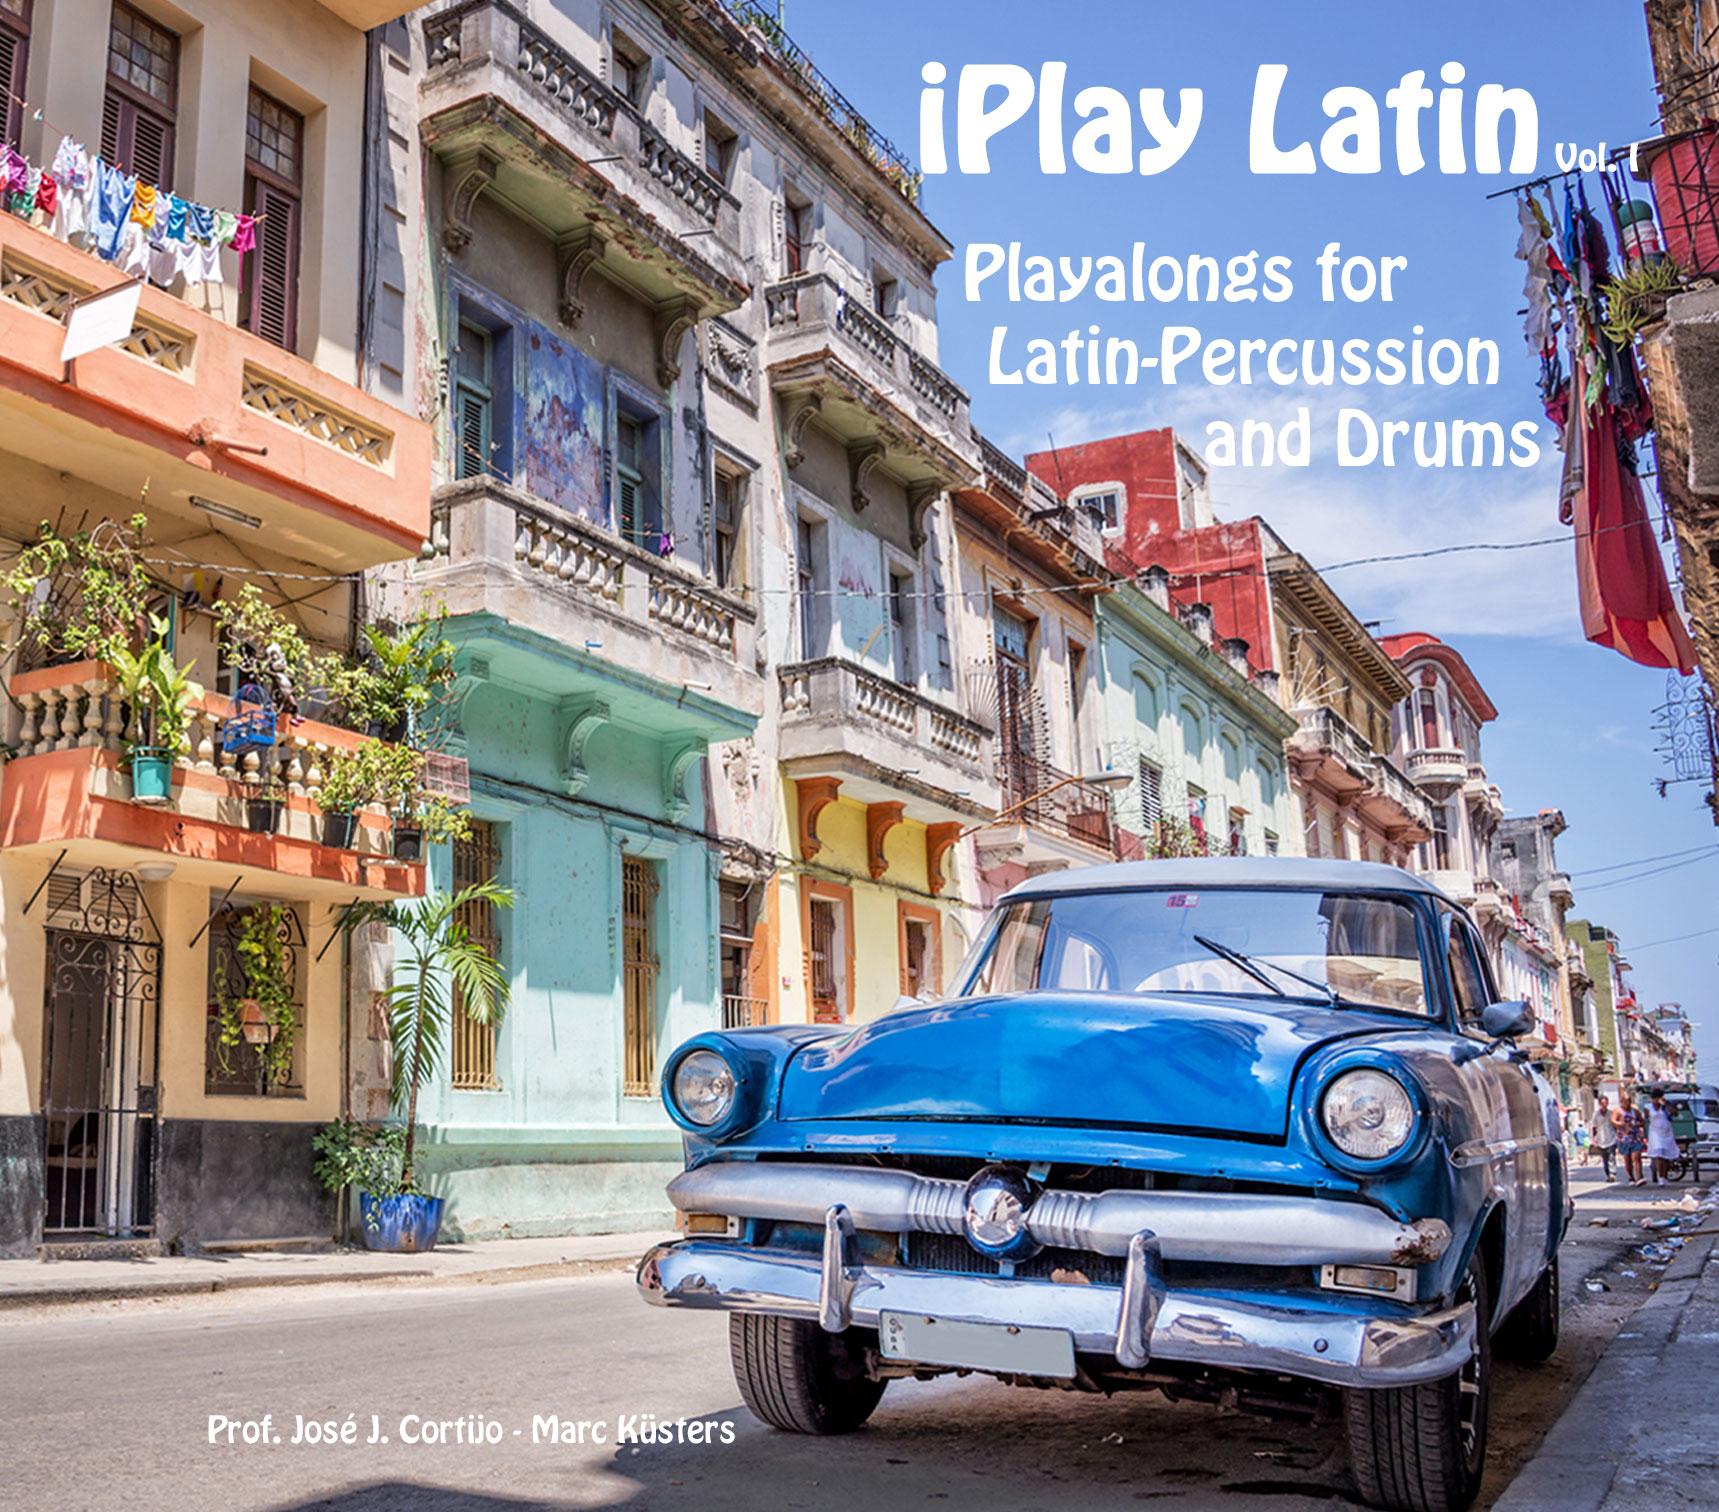 <b>iPlay Latin Vol. I </b>